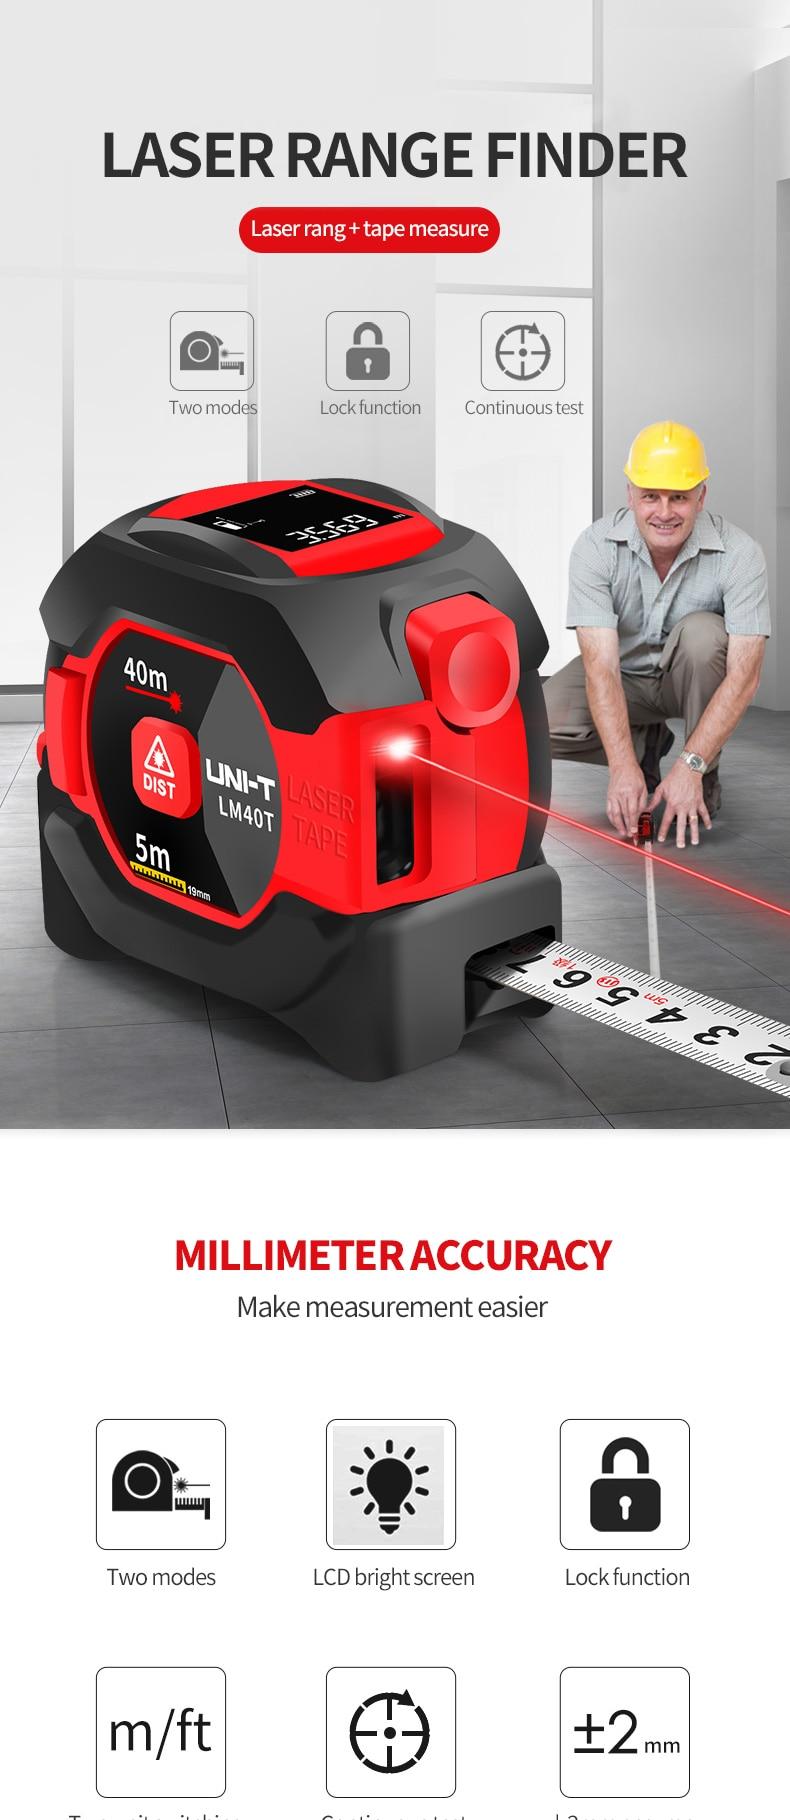 UNI-T Laser Measuring Rangefinder